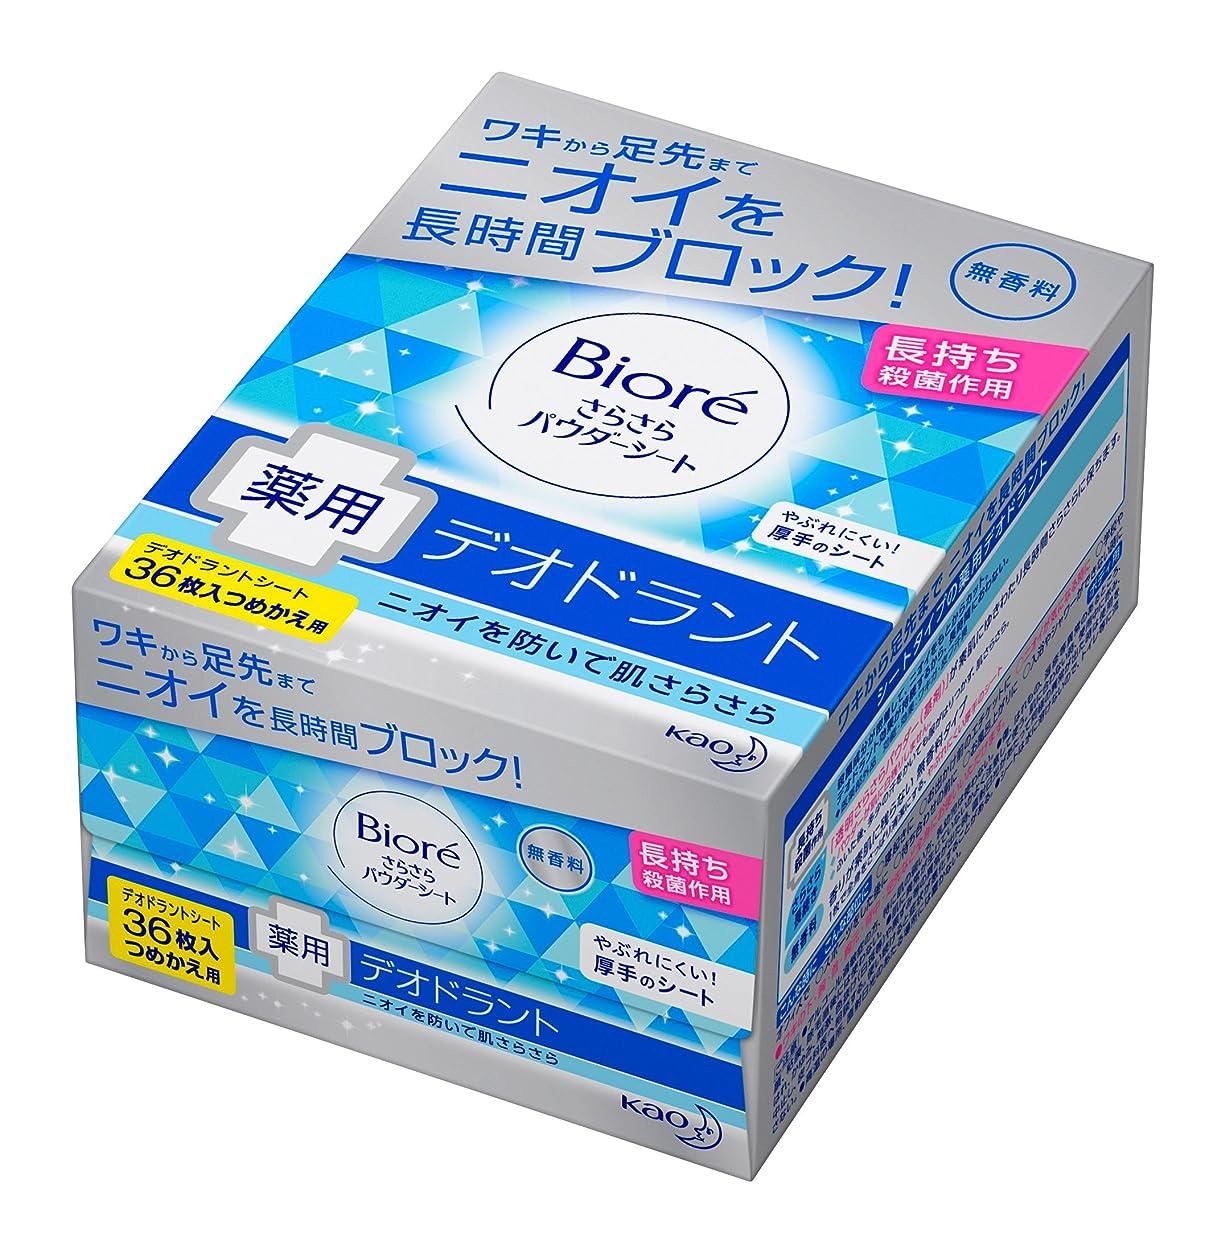 台風周囲見えるビオレ さらさらパウダーシート デオドラント 無香料 つめかえ用 36枚